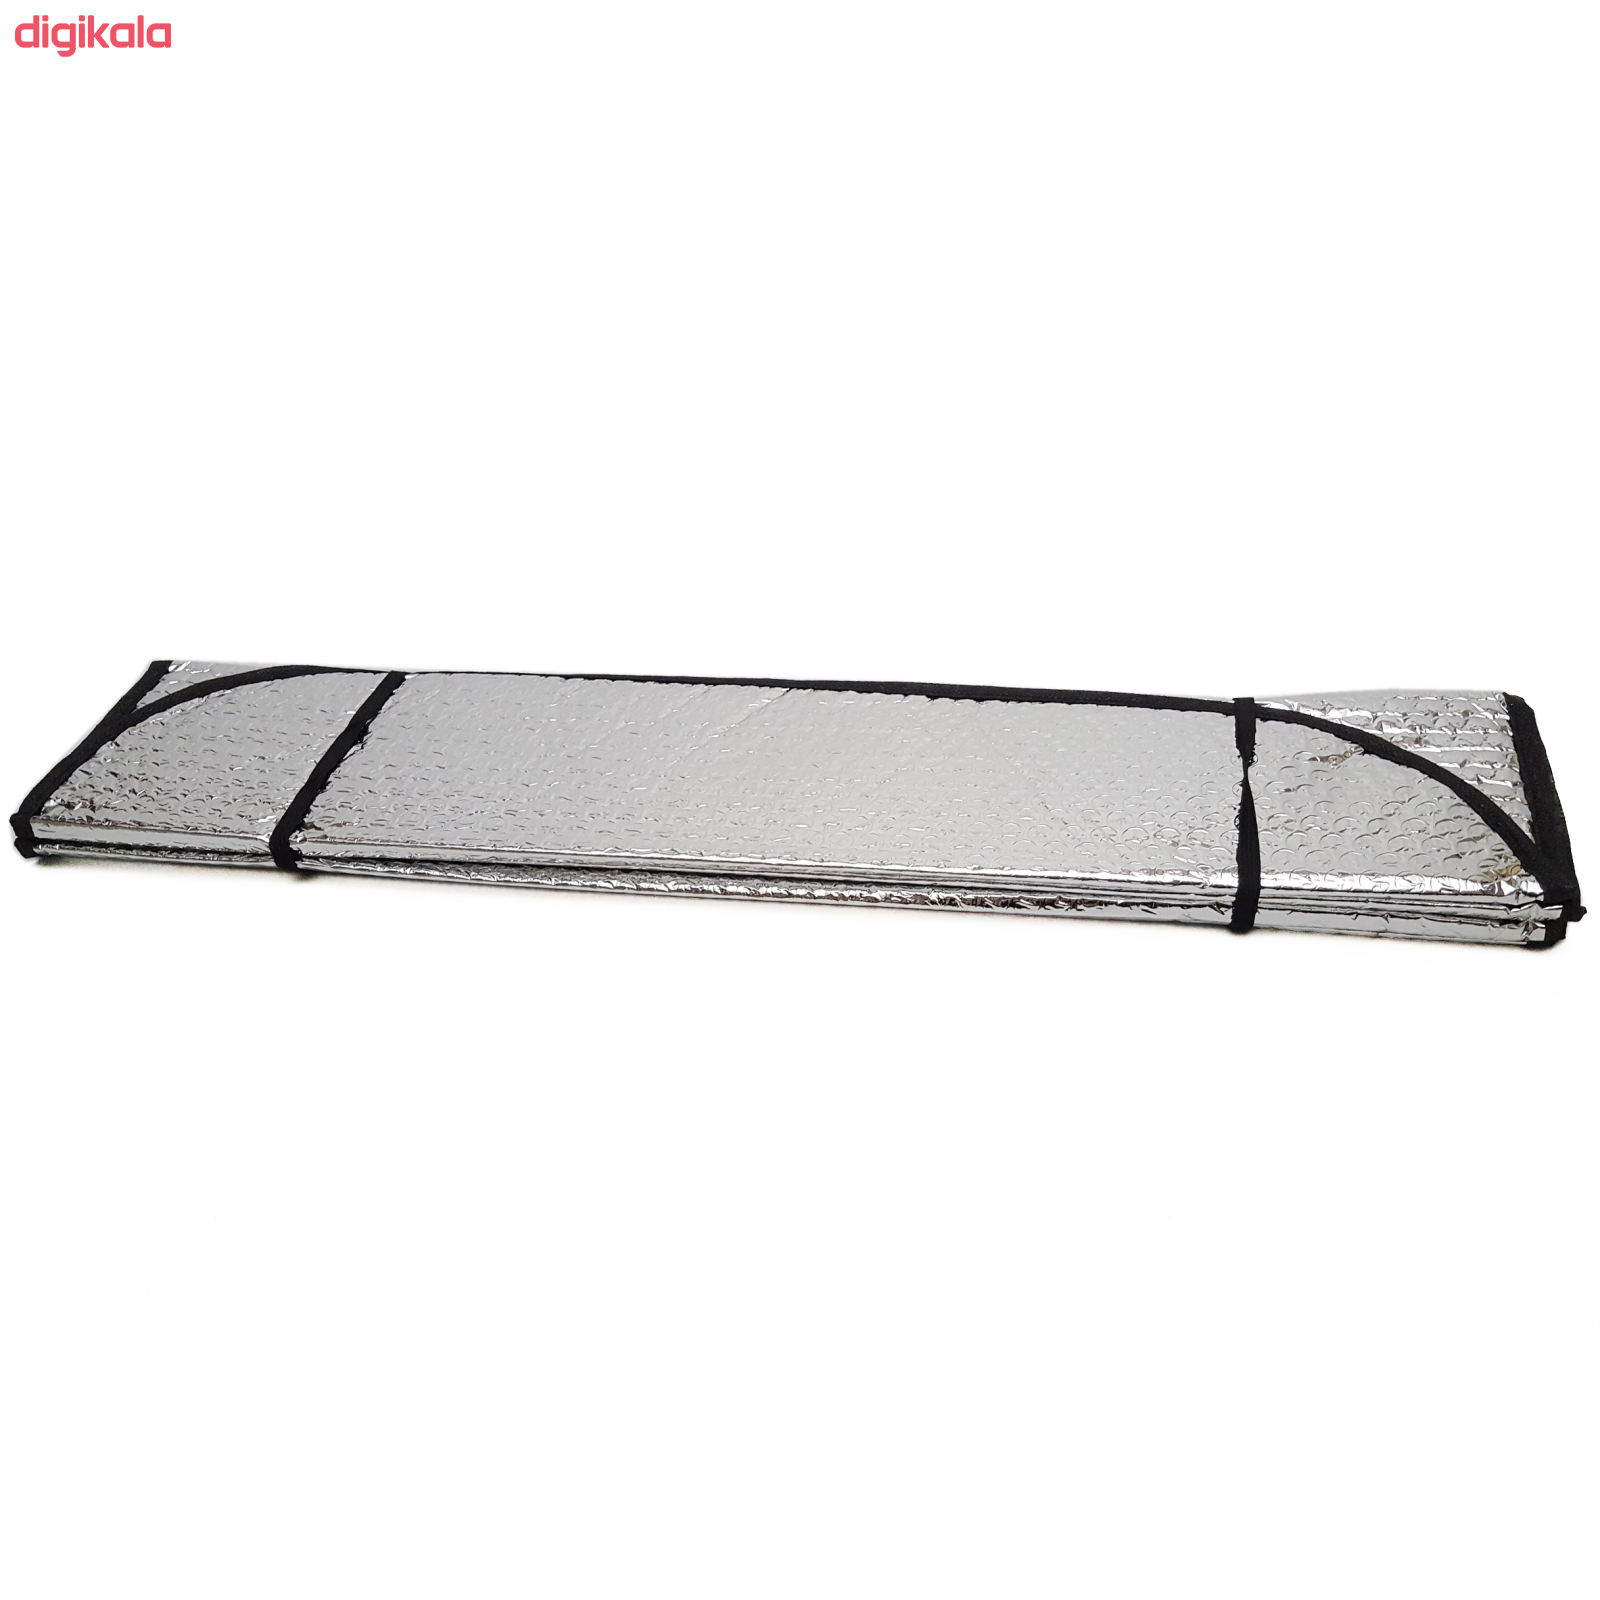 آفتابگیر شیشه جلو خودرو طرح آکاردئونی مدل Mhr-325-S main 1 1